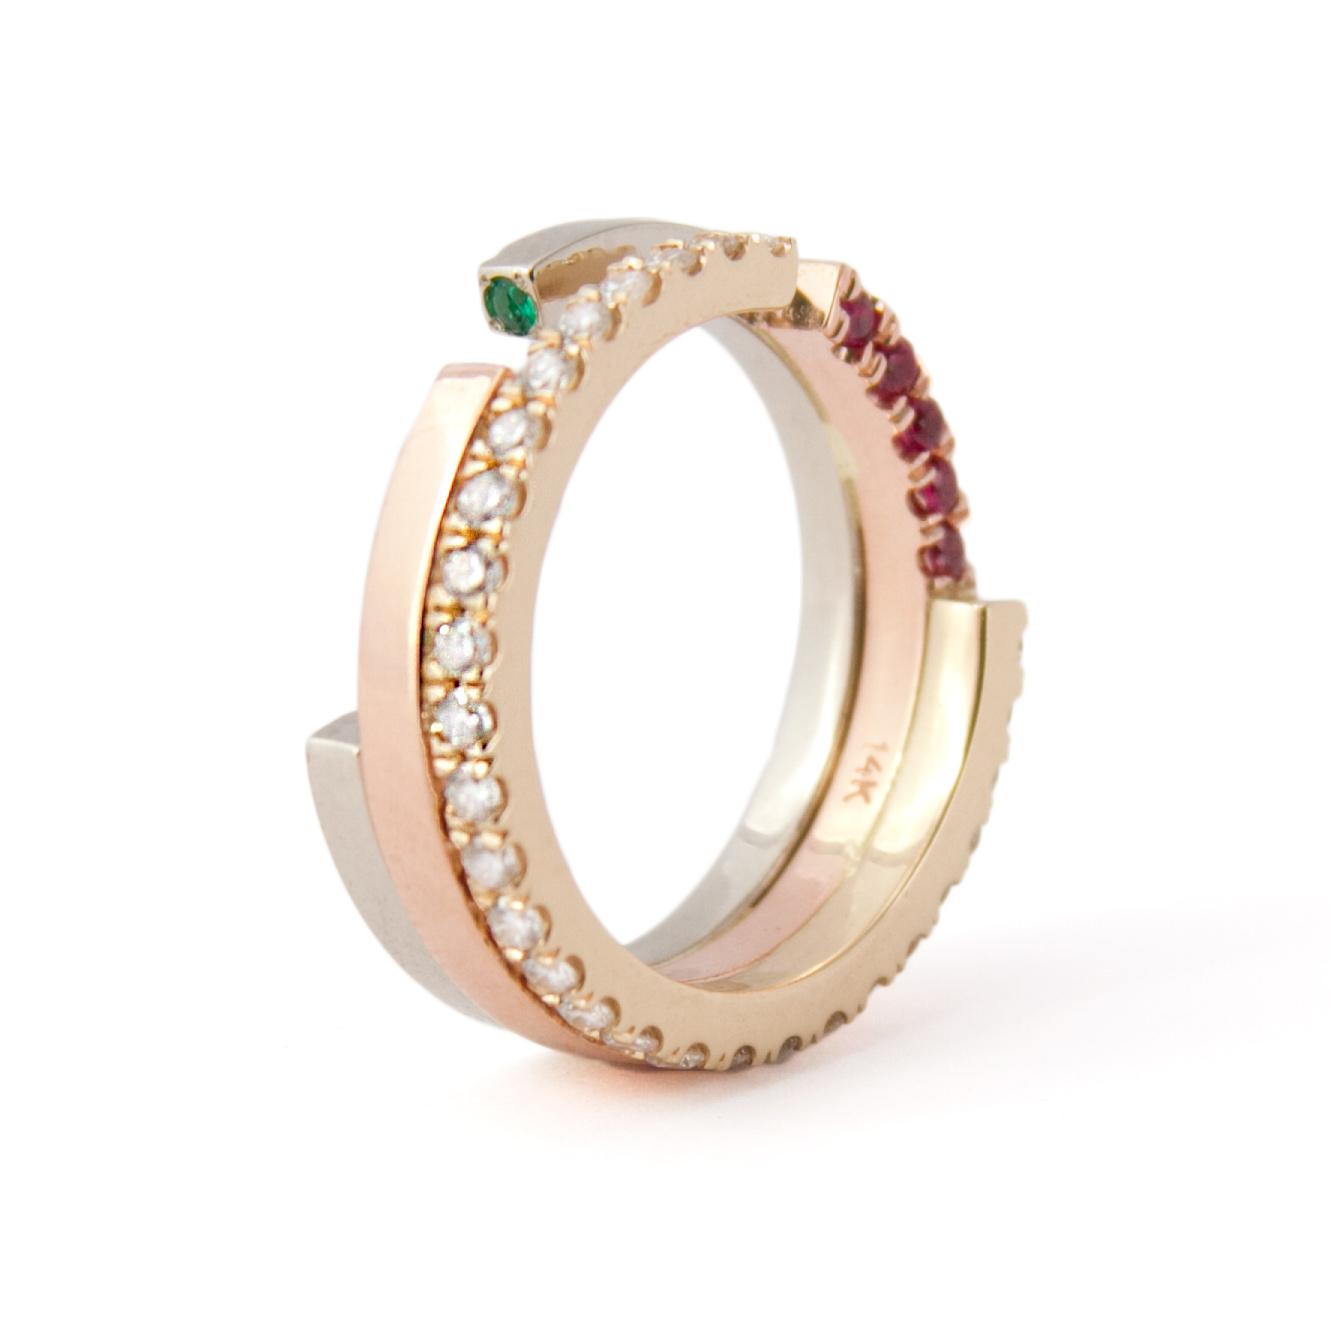 Tilda Biehn Brooklyn NYC Custom Engagement Ring